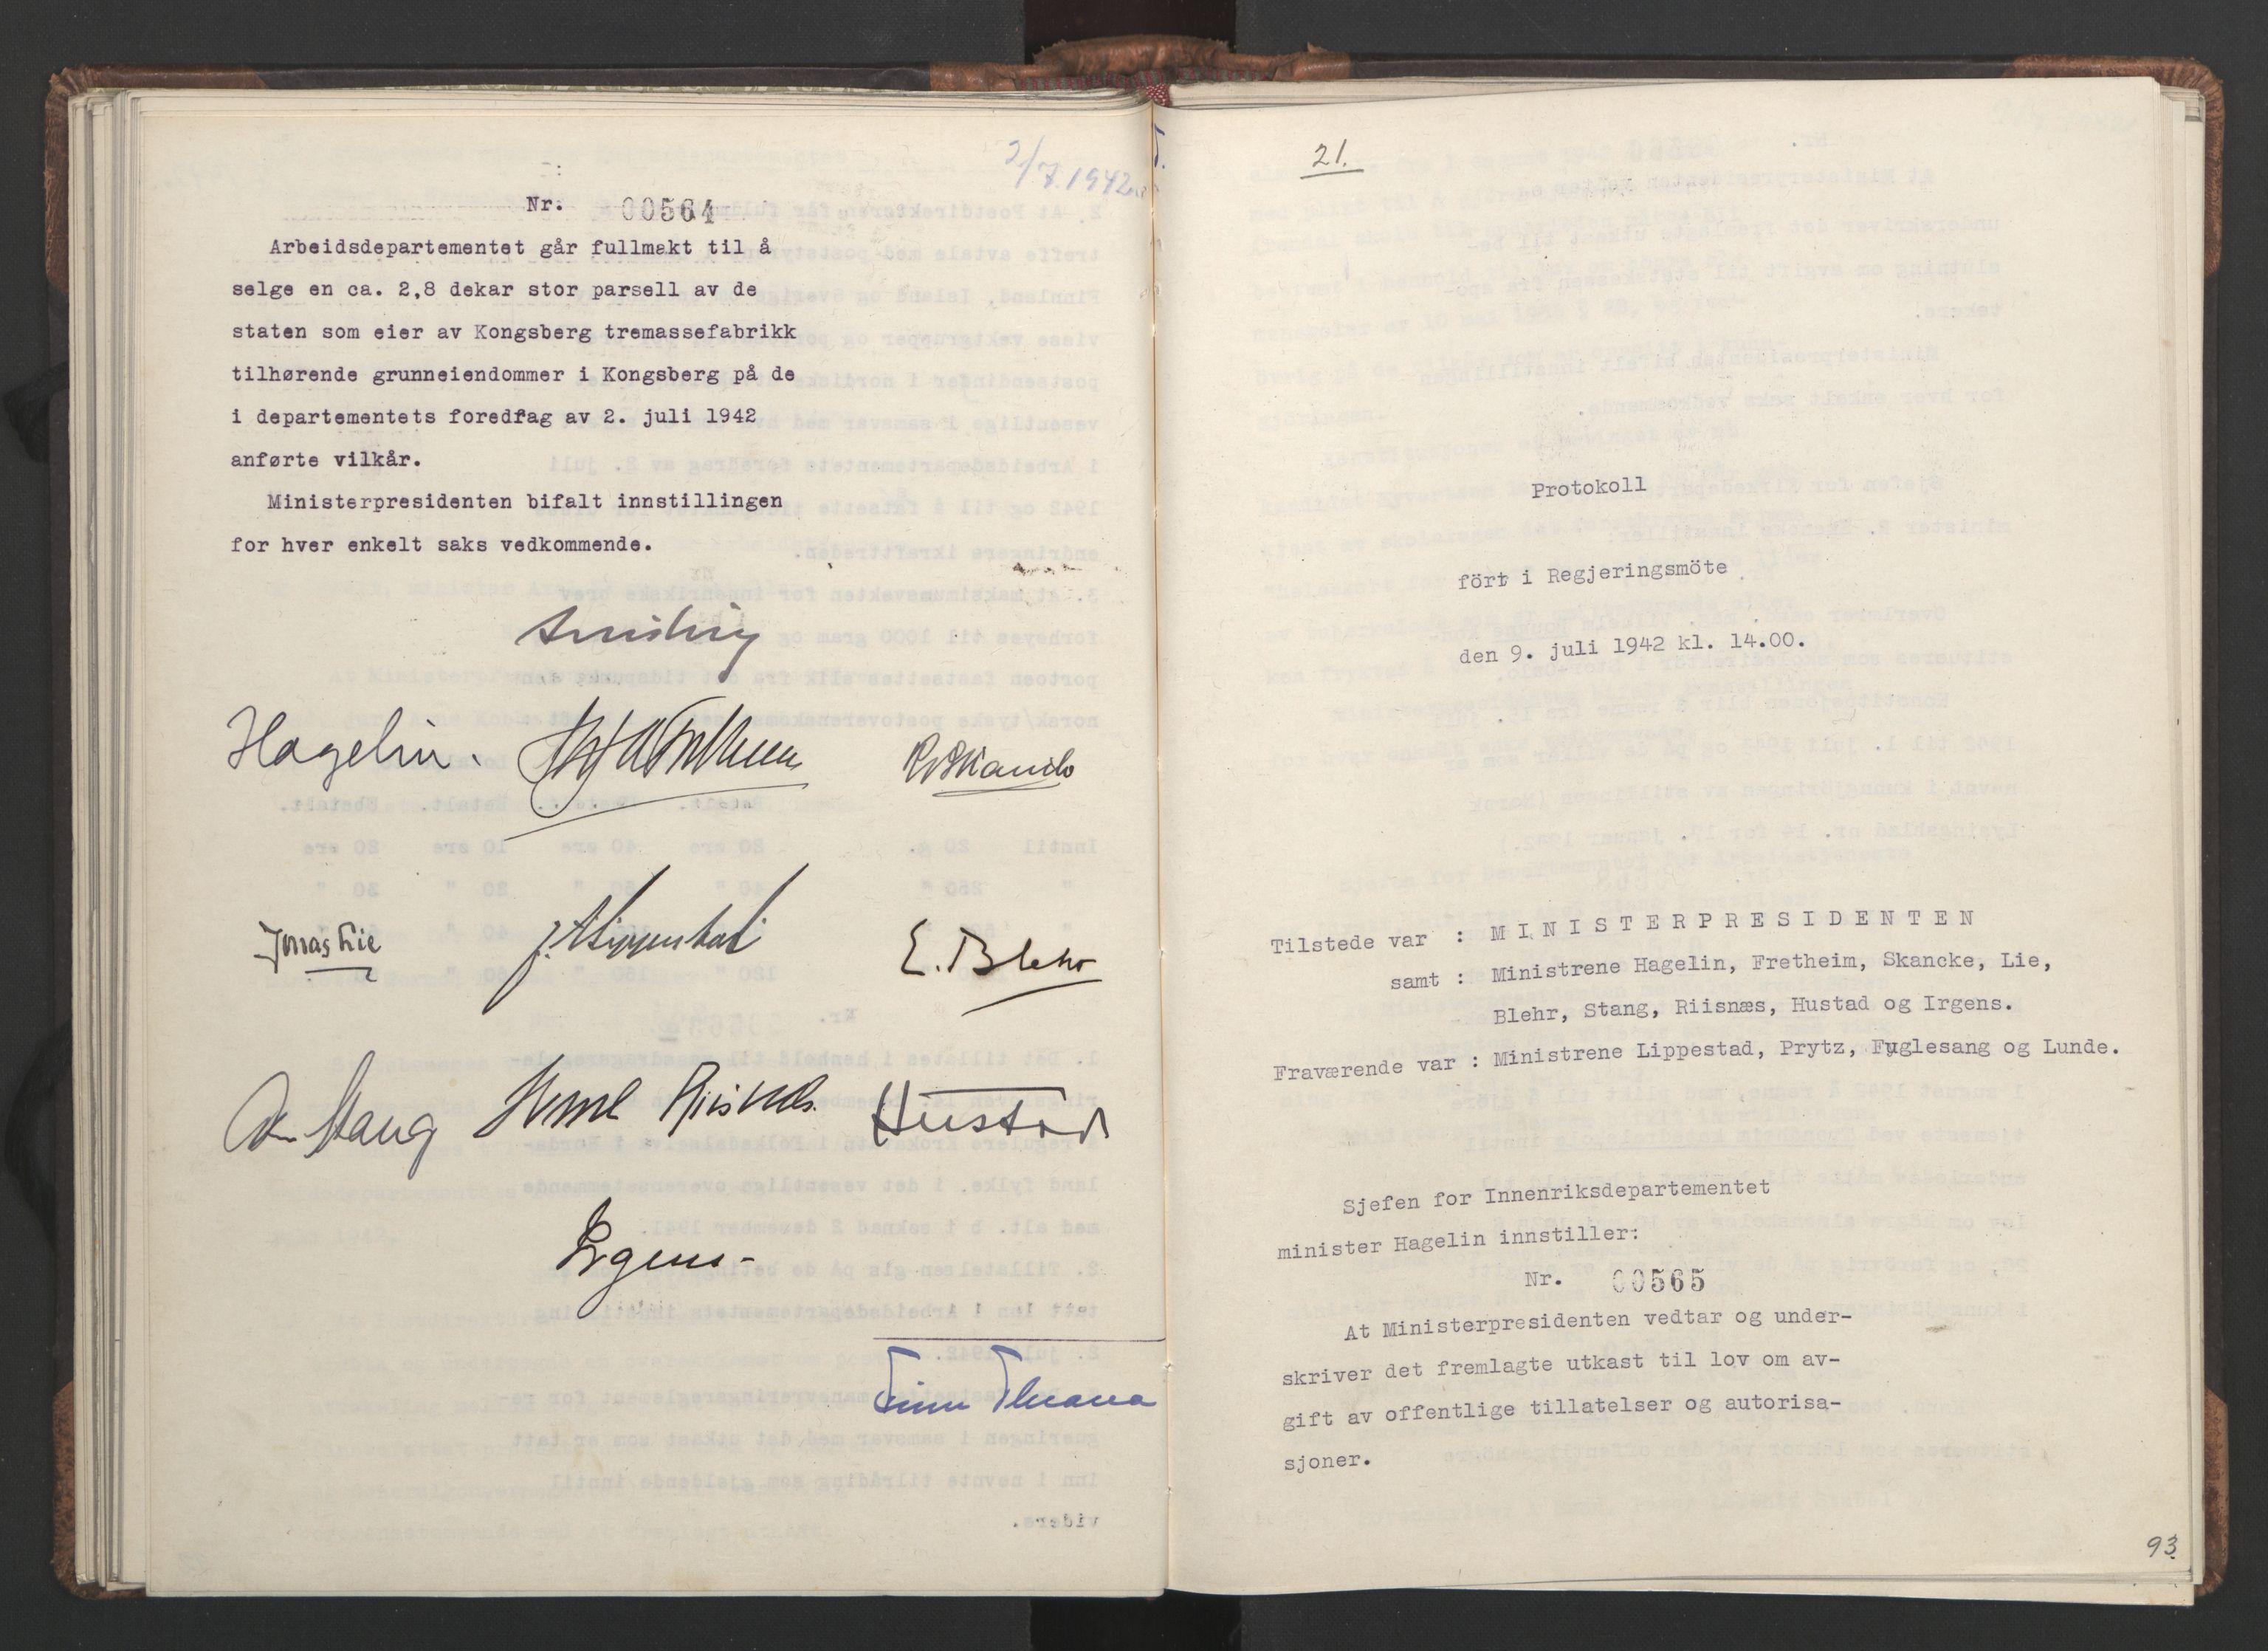 RA, NS-administrasjonen 1940-1945 (Statsrådsekretariatet, de kommisariske statsråder mm), D/Da/L0001: Beslutninger og tillegg (1-952 og 1-32), 1942, s. 92b-93a